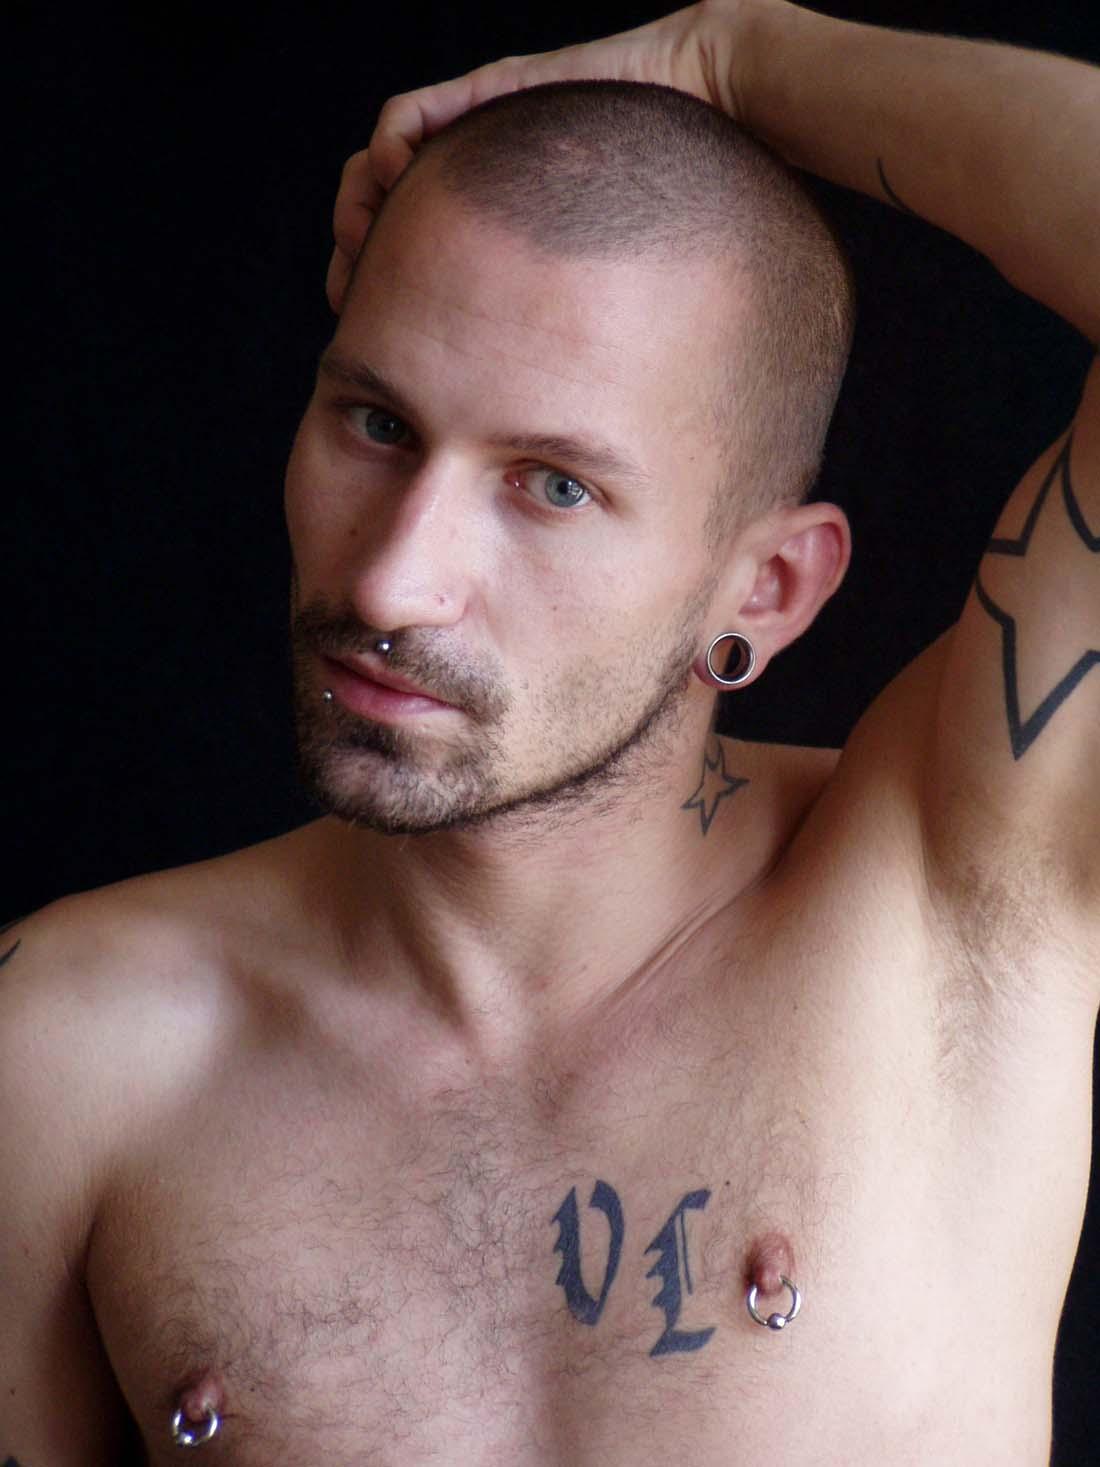 Ben Andrews Pornstar Cheap hall of gay porn stars: josh ford - horny german guy